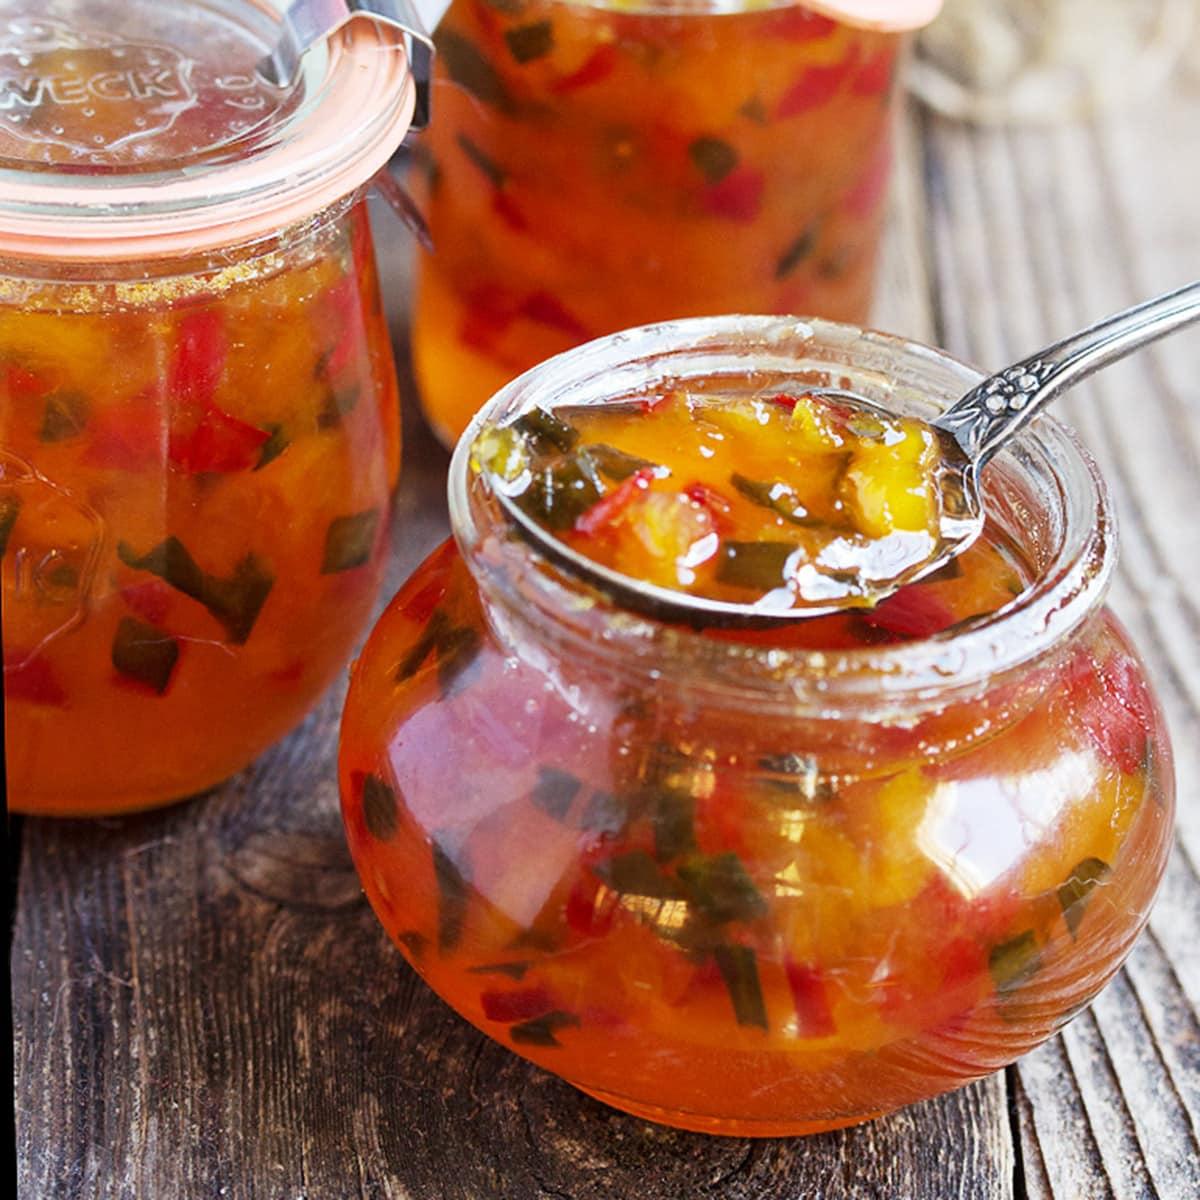 jam and jelly recipes header